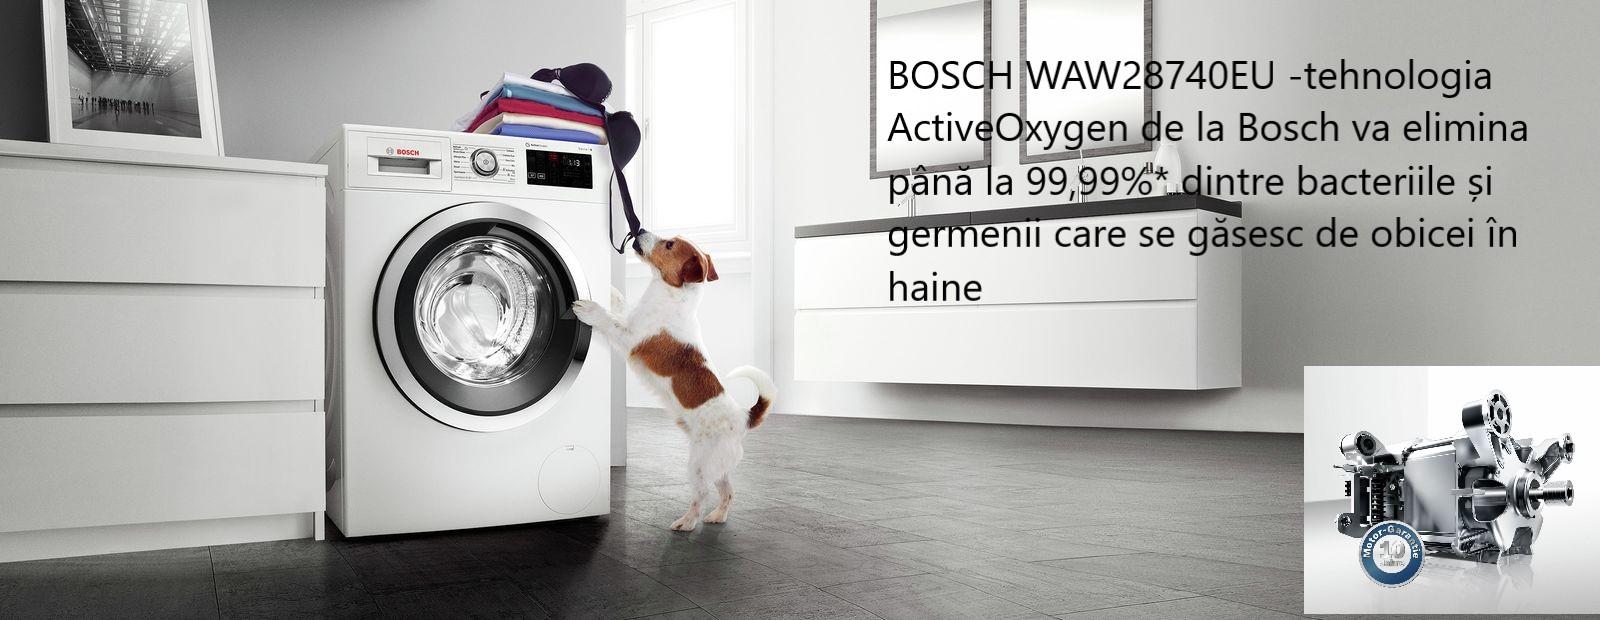 BOSCH WAW28740EU -Indiferent dacă este vorba despre o bluză de mătase, un tricou cu o formație, niște jeanși negr Tehnologia ActiveOxygen de la Bosch va elimina până la 99,99%* dintre bacteriile și germenii care se găsesc de obicei în haine - chiar și la temperaturi scăzute